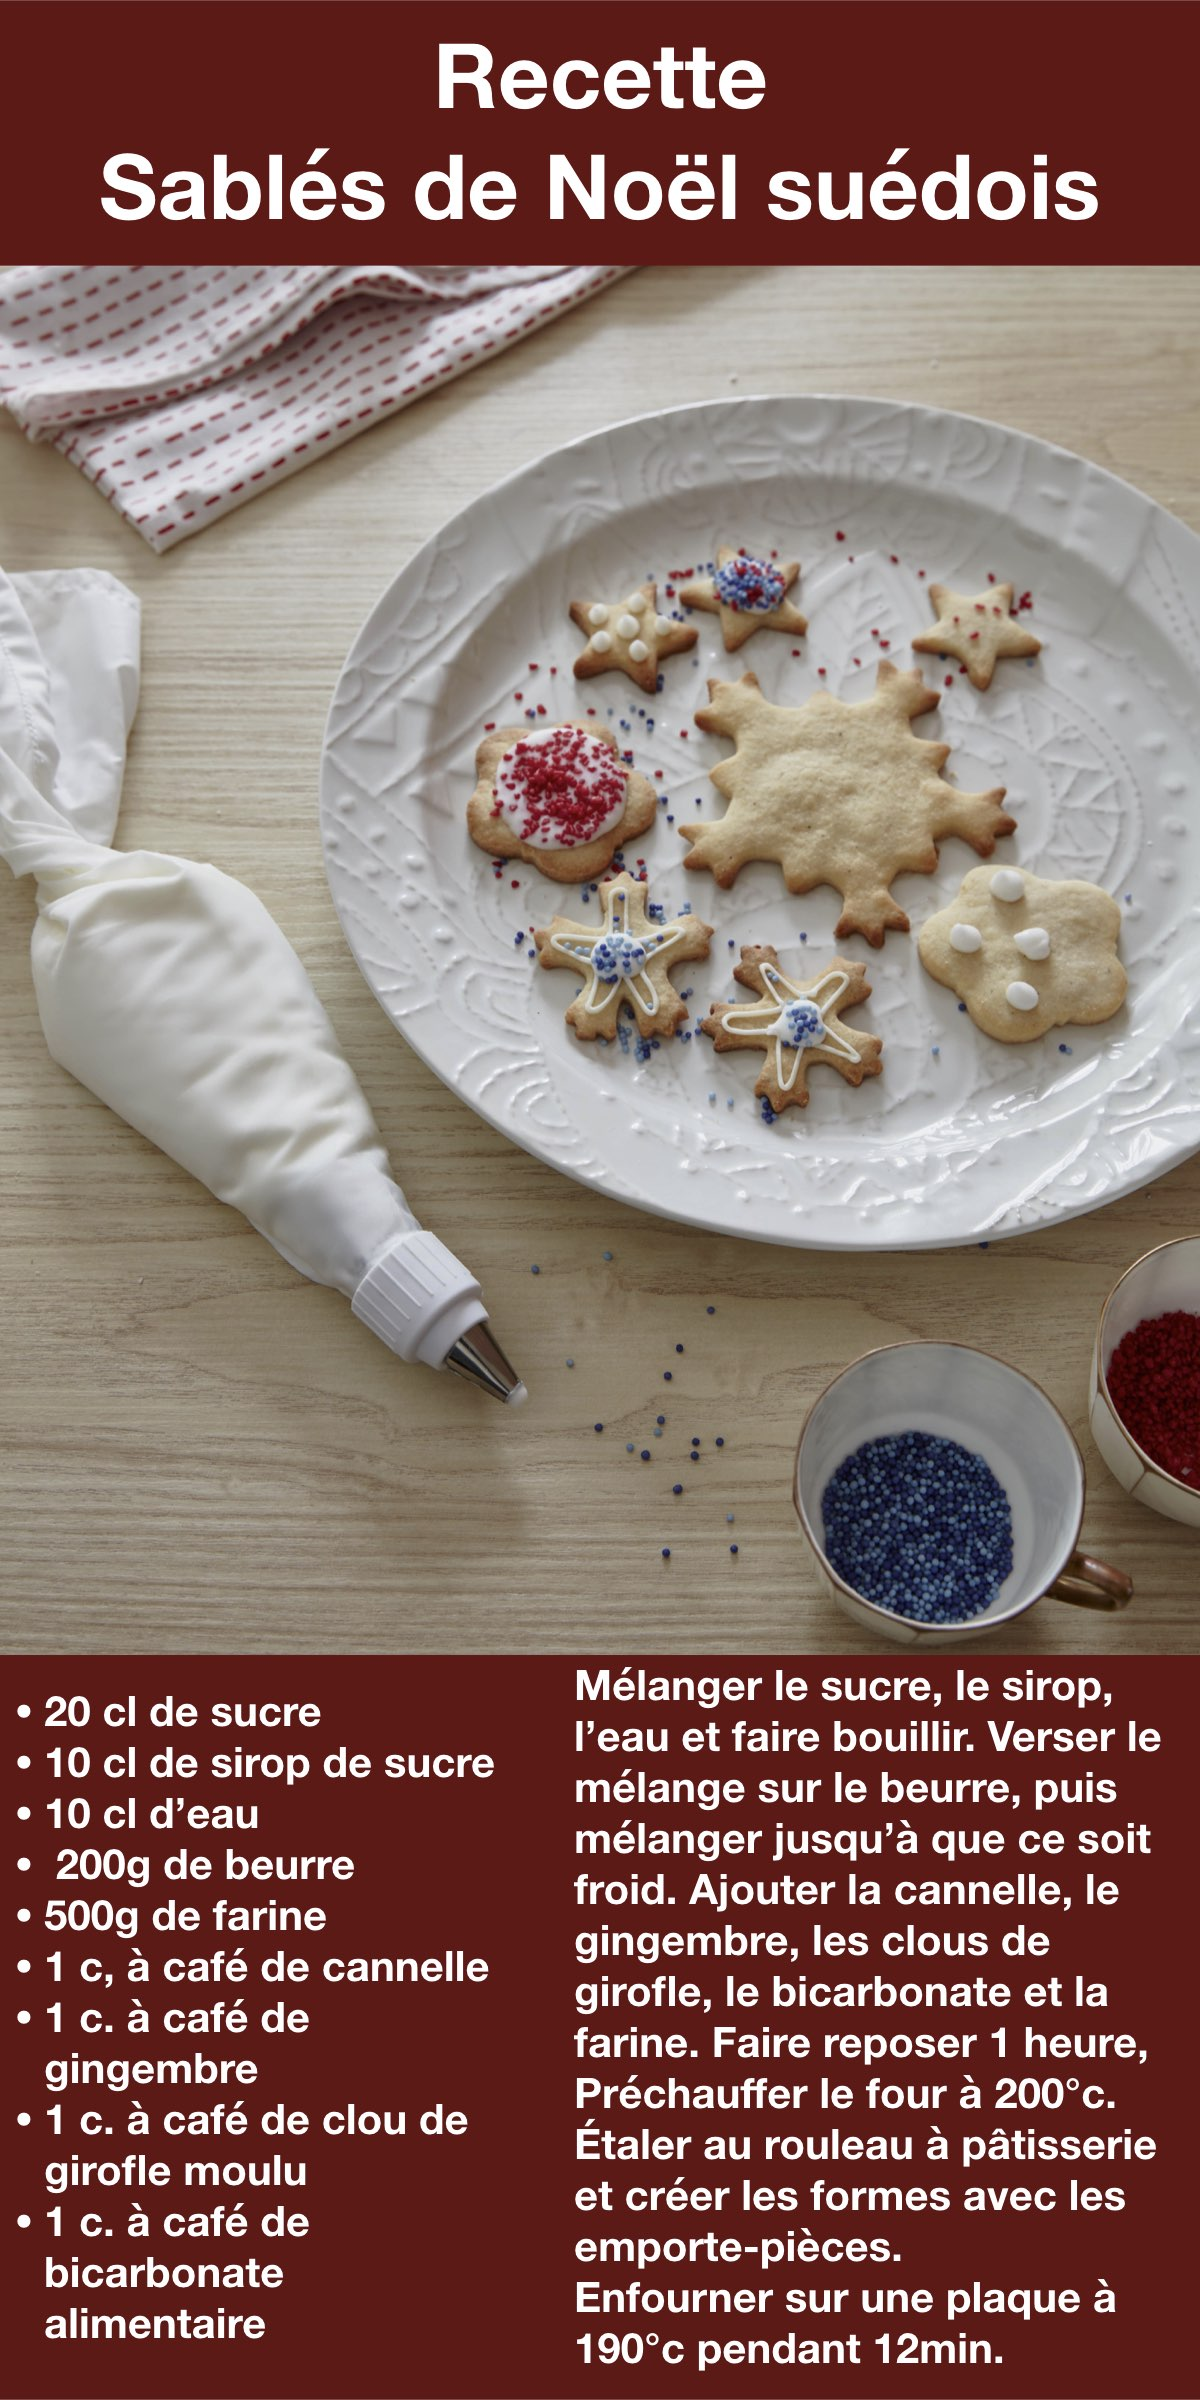 recette sablé suédois Noël cannelle gingembre ikea cuisine biscuit